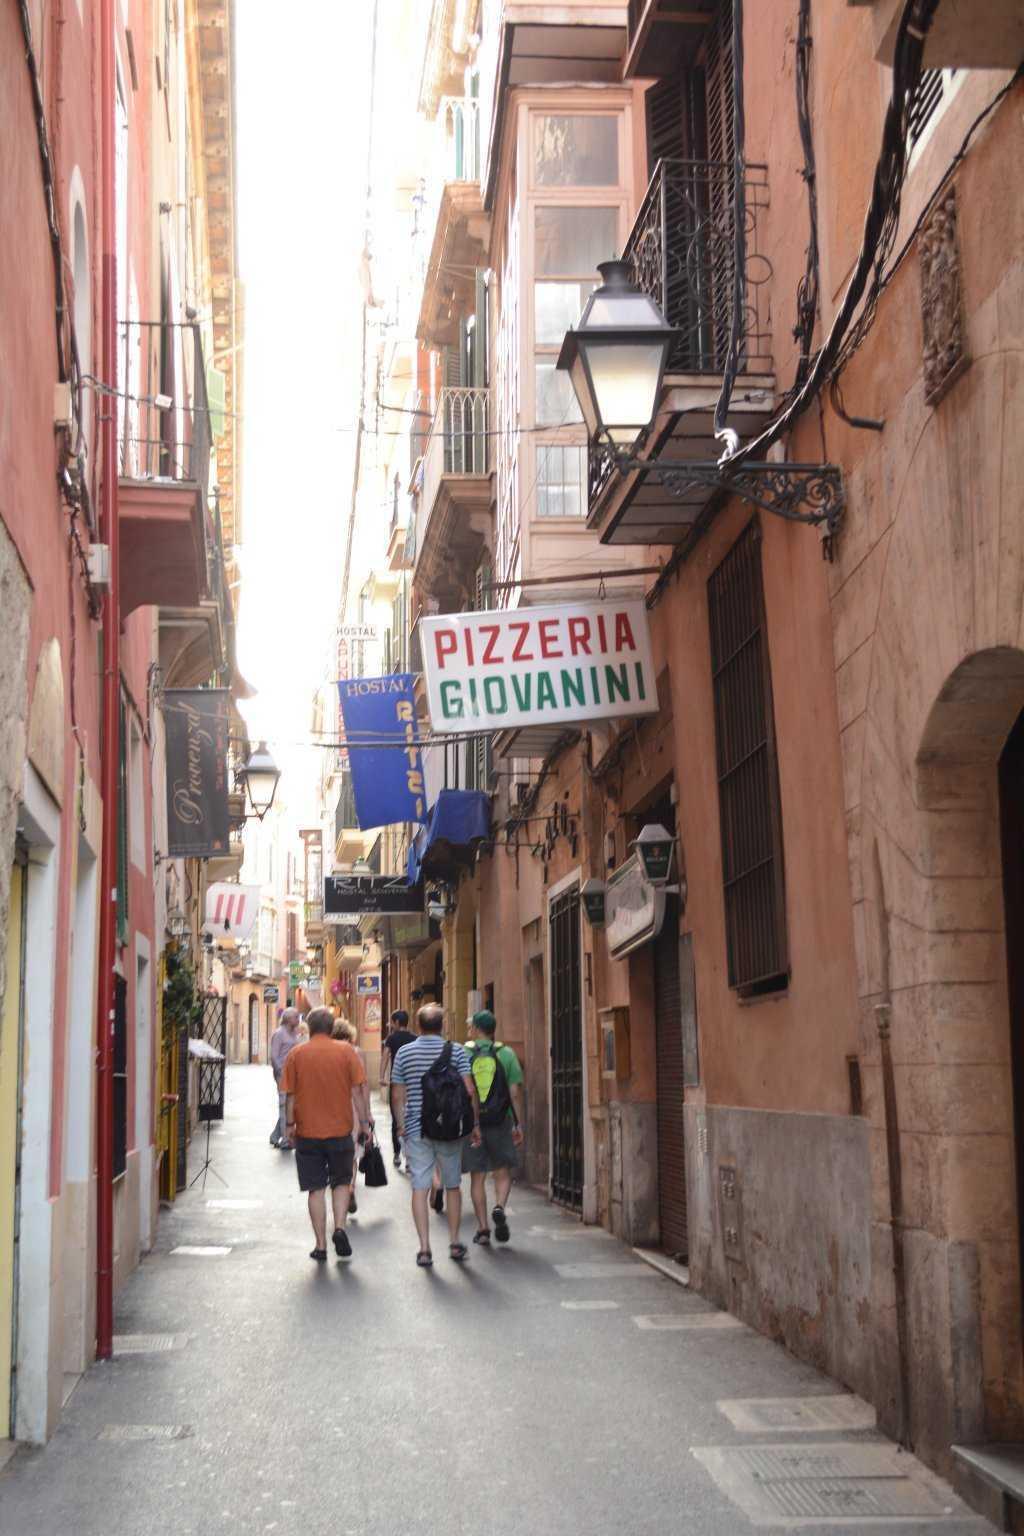 Palma'nın sevimli dar sokakları